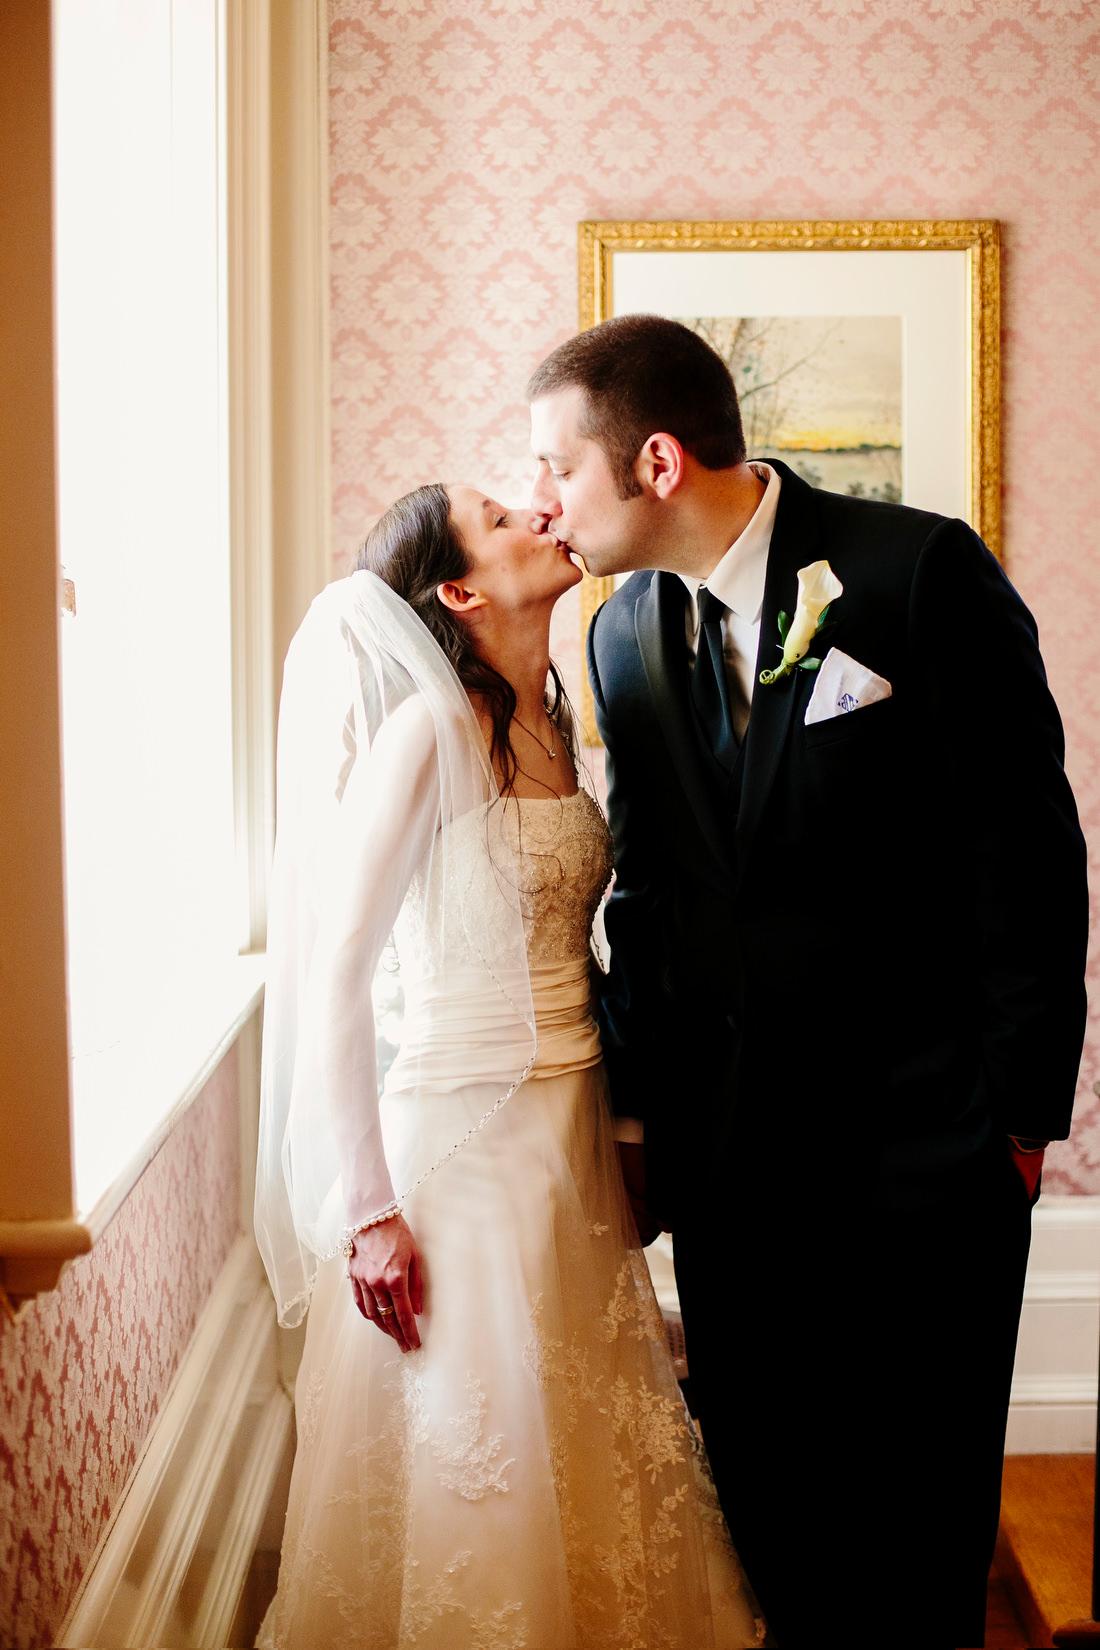 searles_castle_wedding_209.JPG